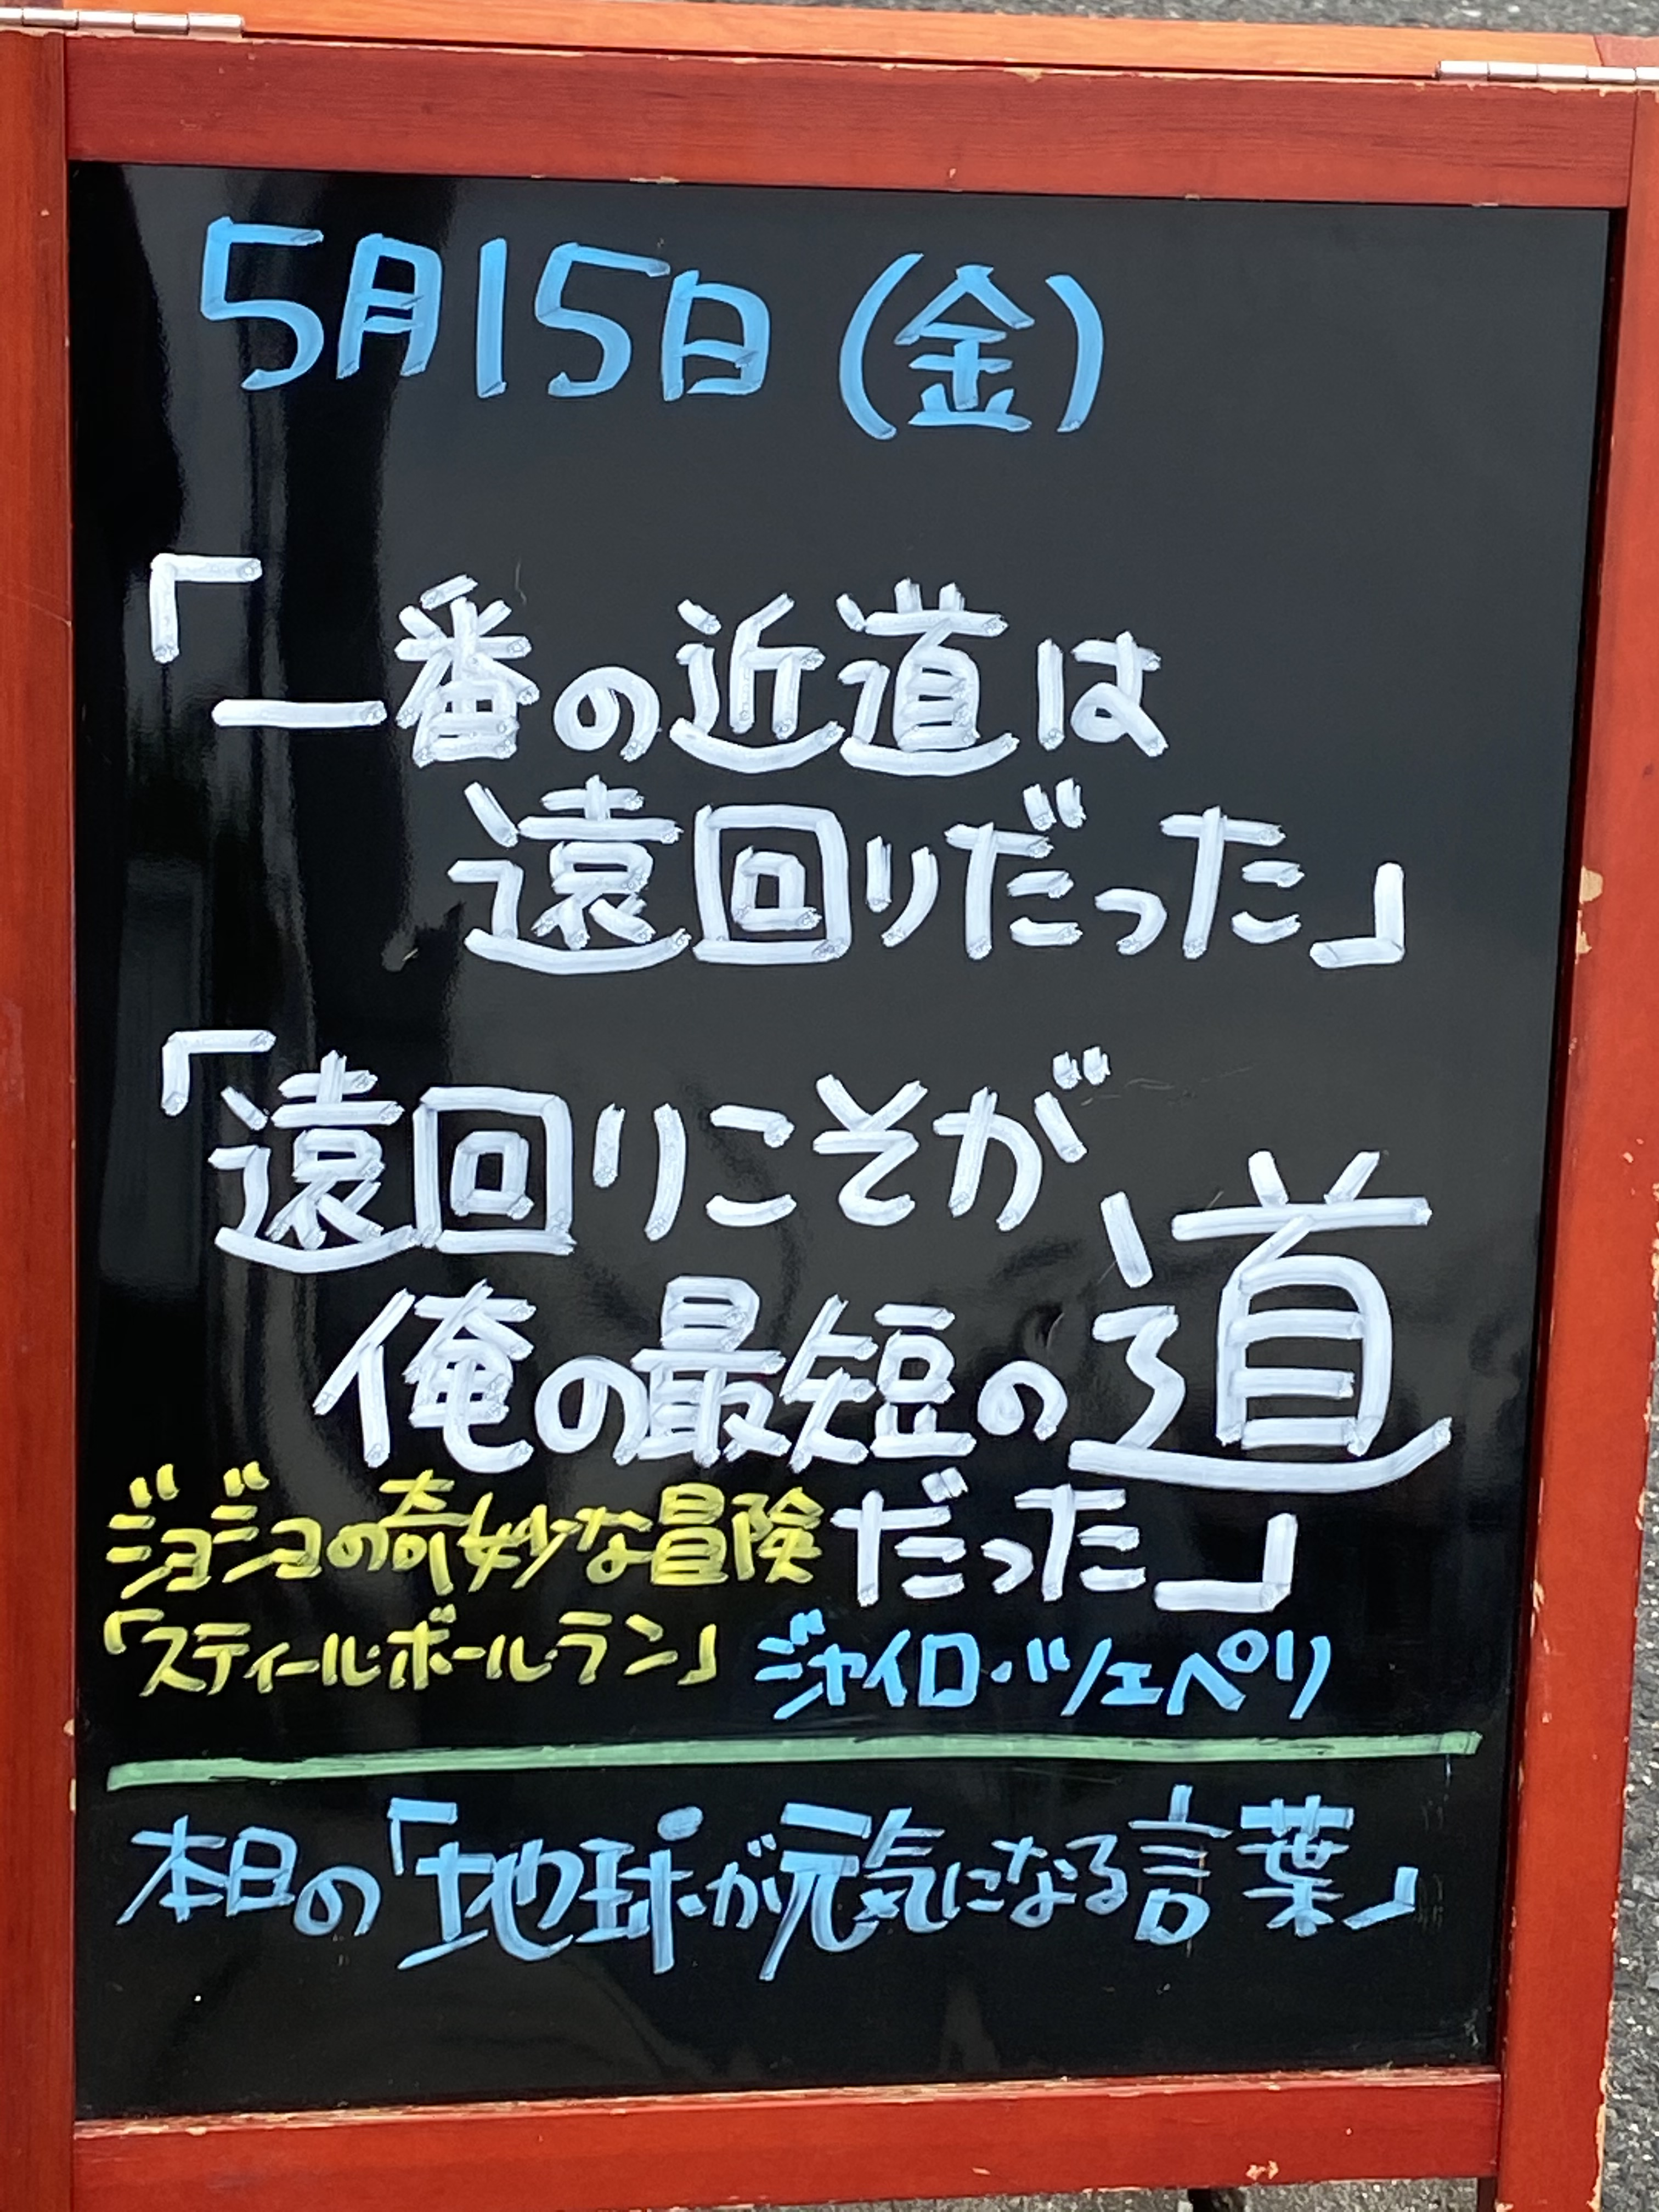 大阪石材 神戸支店の支店長が選ぶ「地球が元気になる言葉」5/15